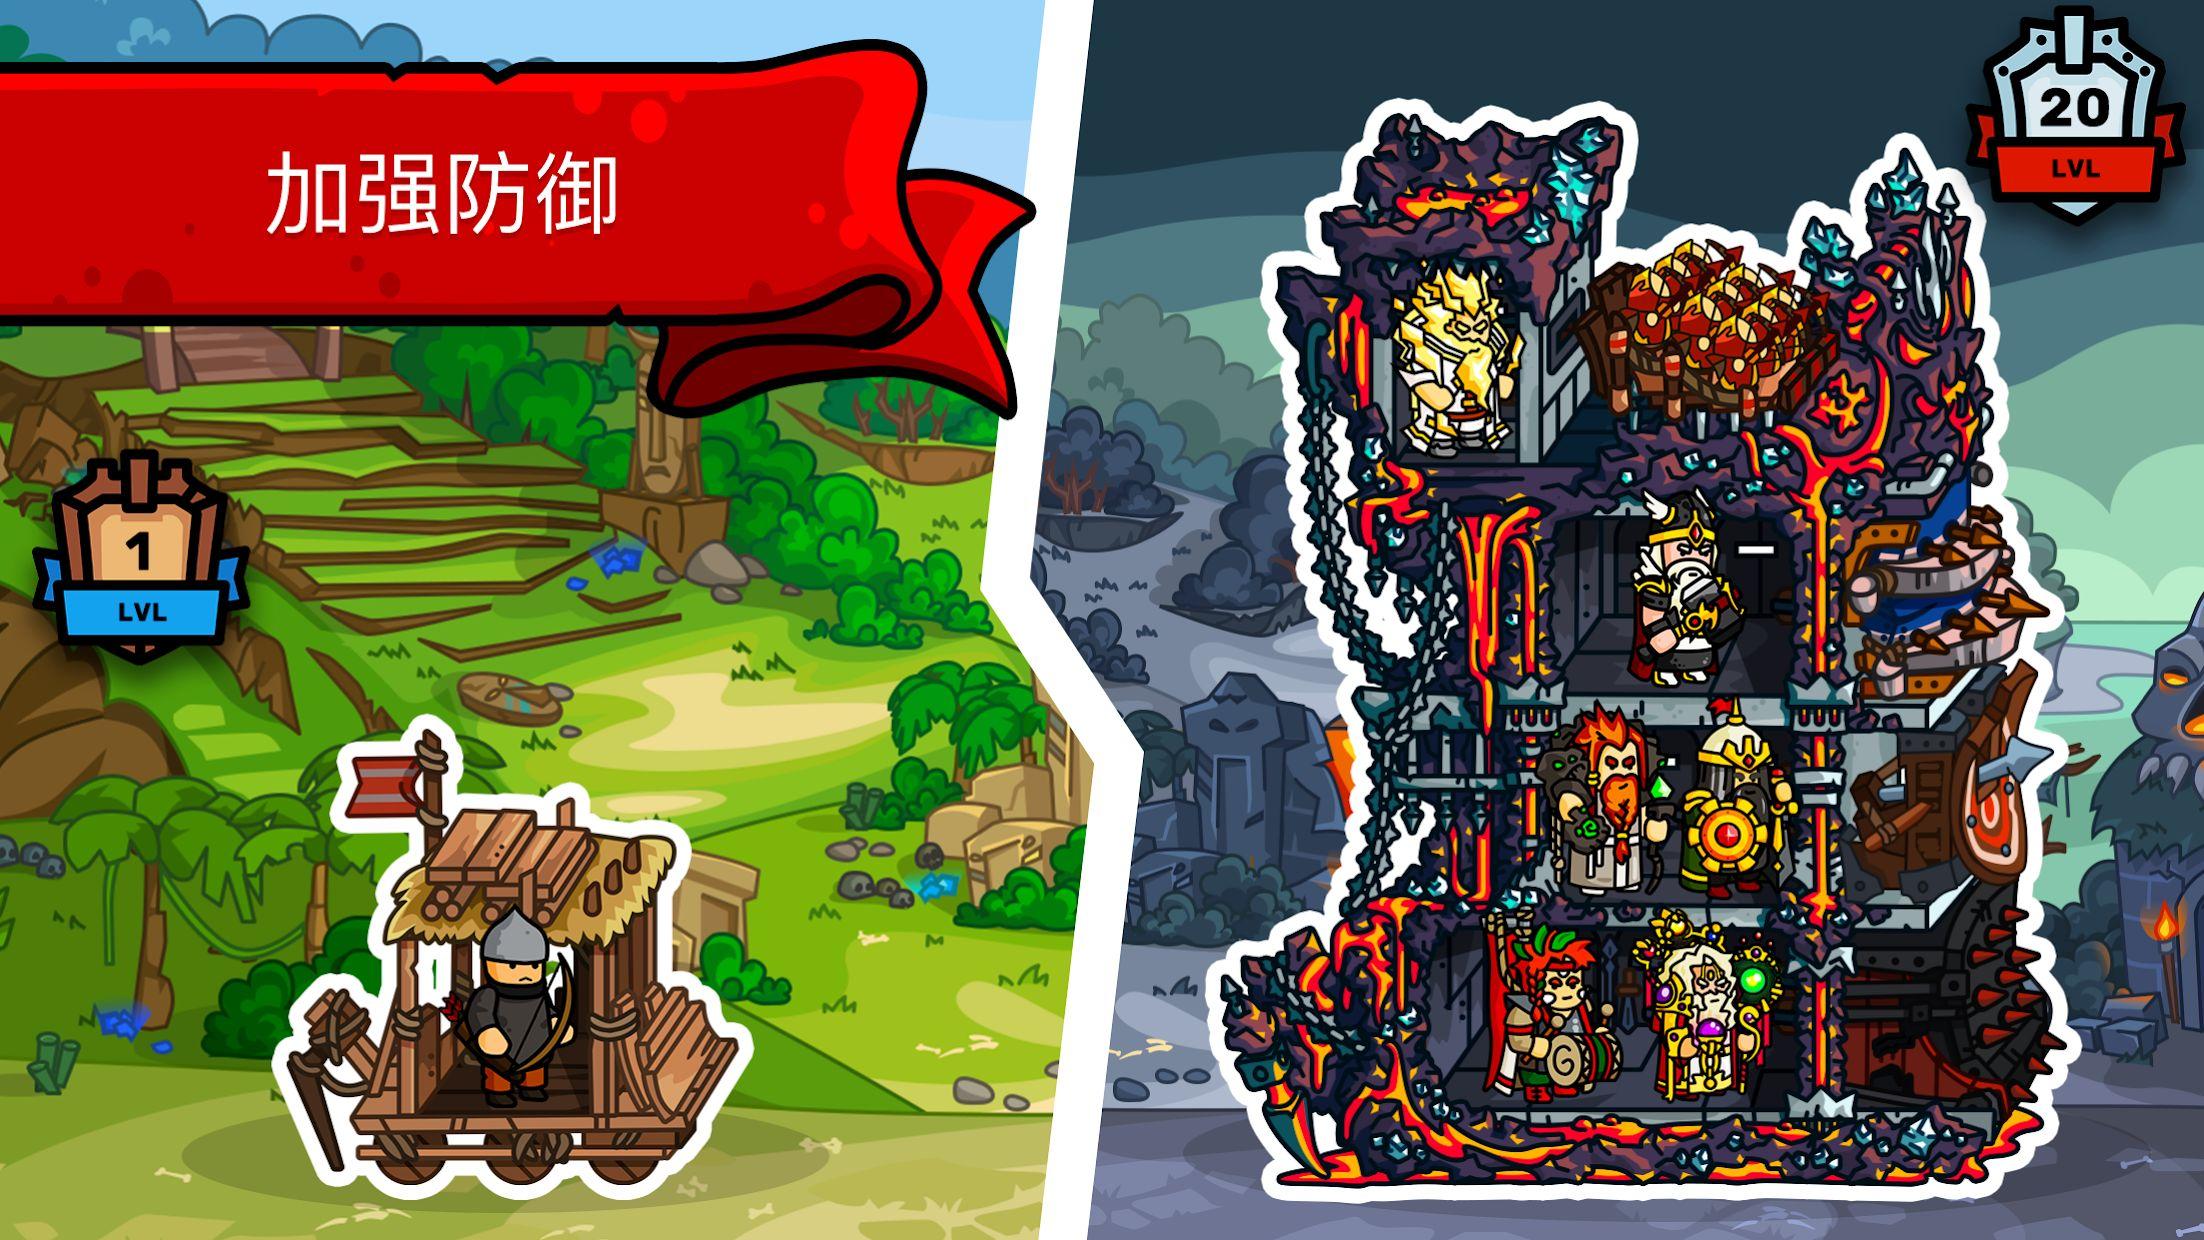 塔楼之境 - 建立帝国 游戏截图3